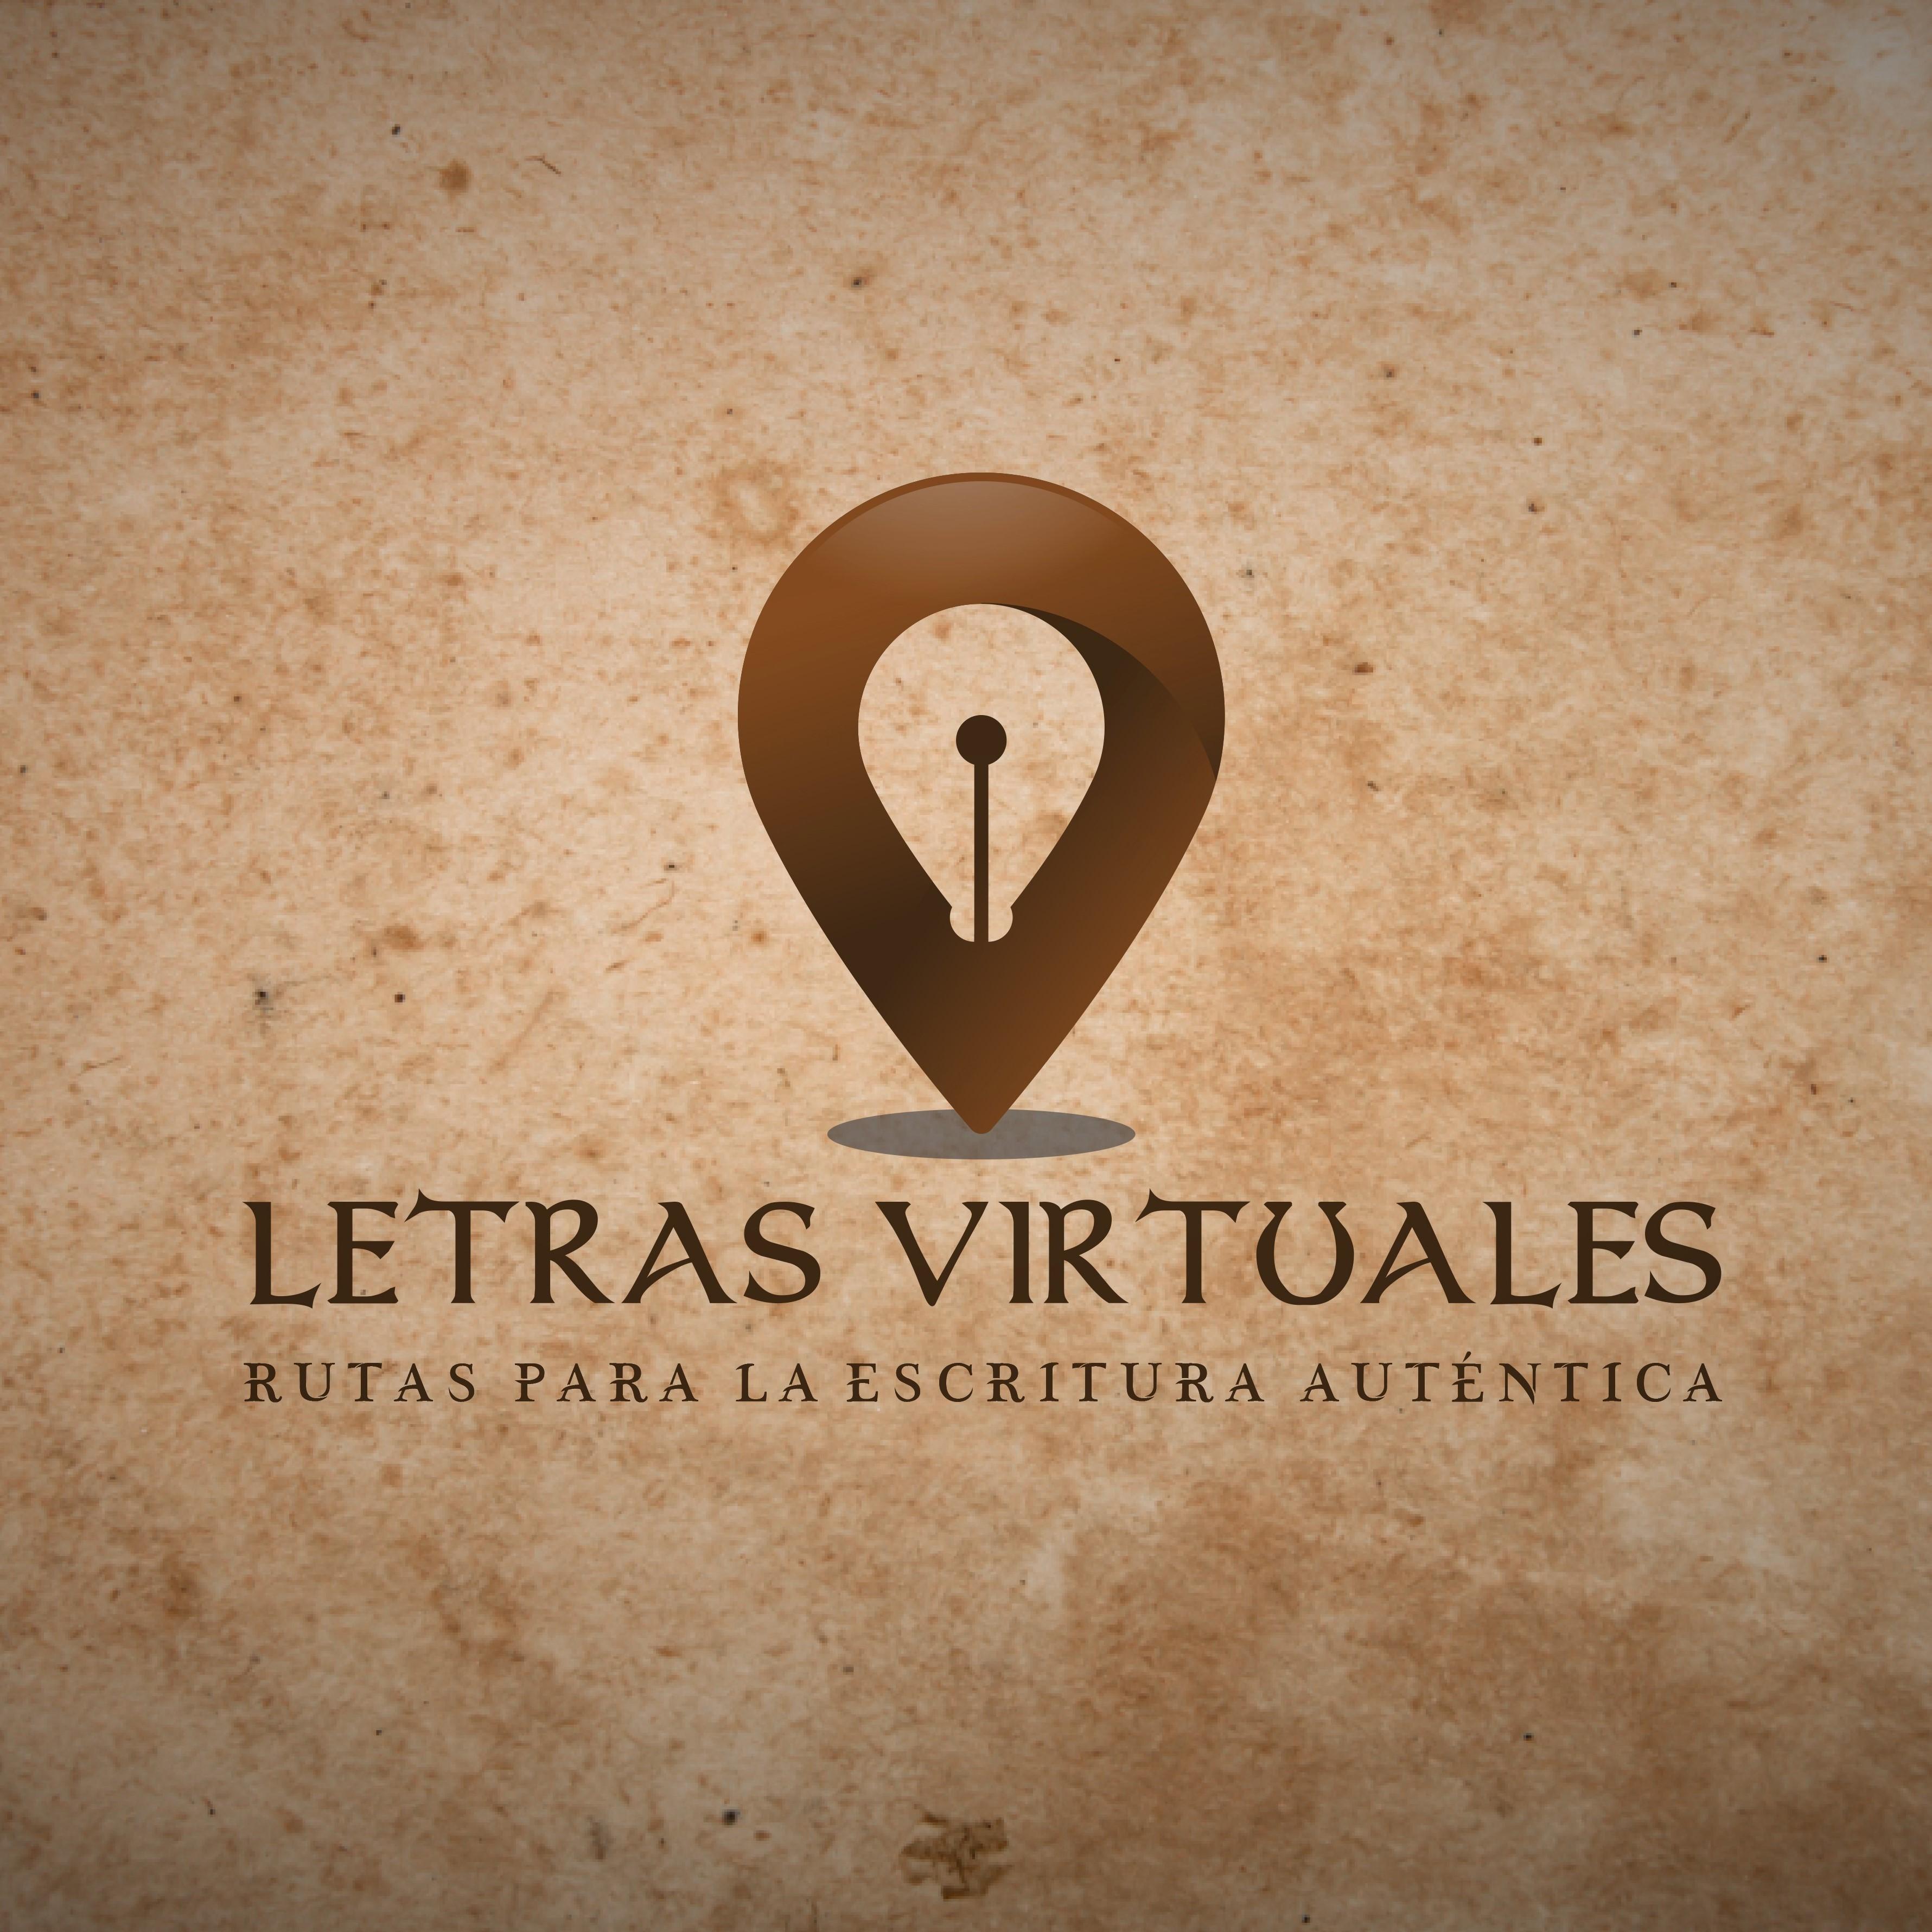 LETRAS VIRTUALES